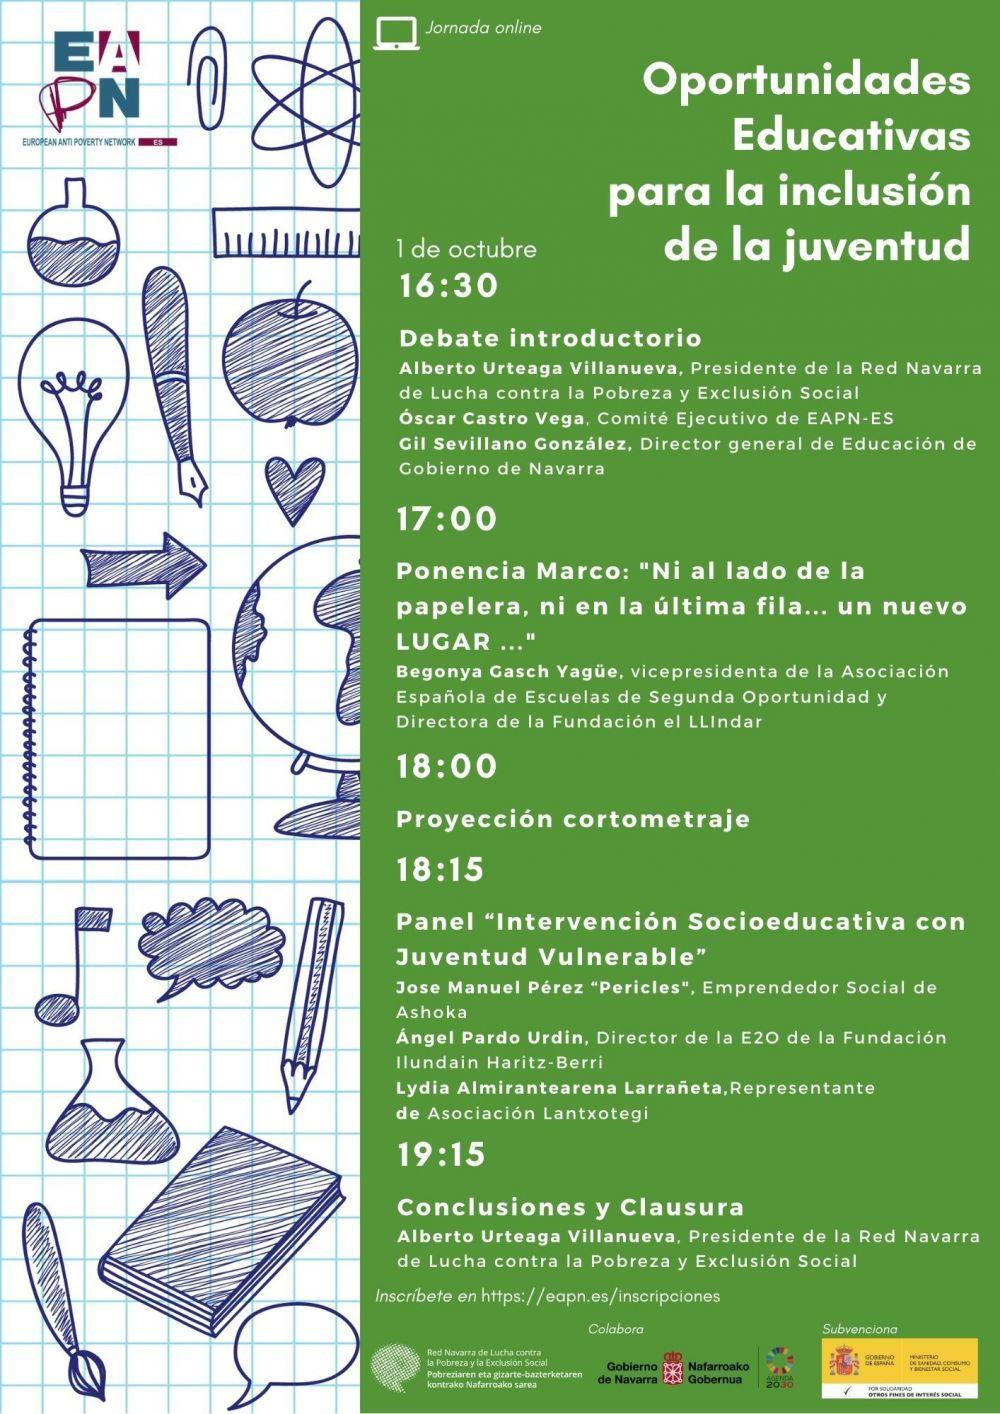 """01/10/2020_Seminario: """"Oportunidades Educativas para la Inclusión de la Juventud"""""""